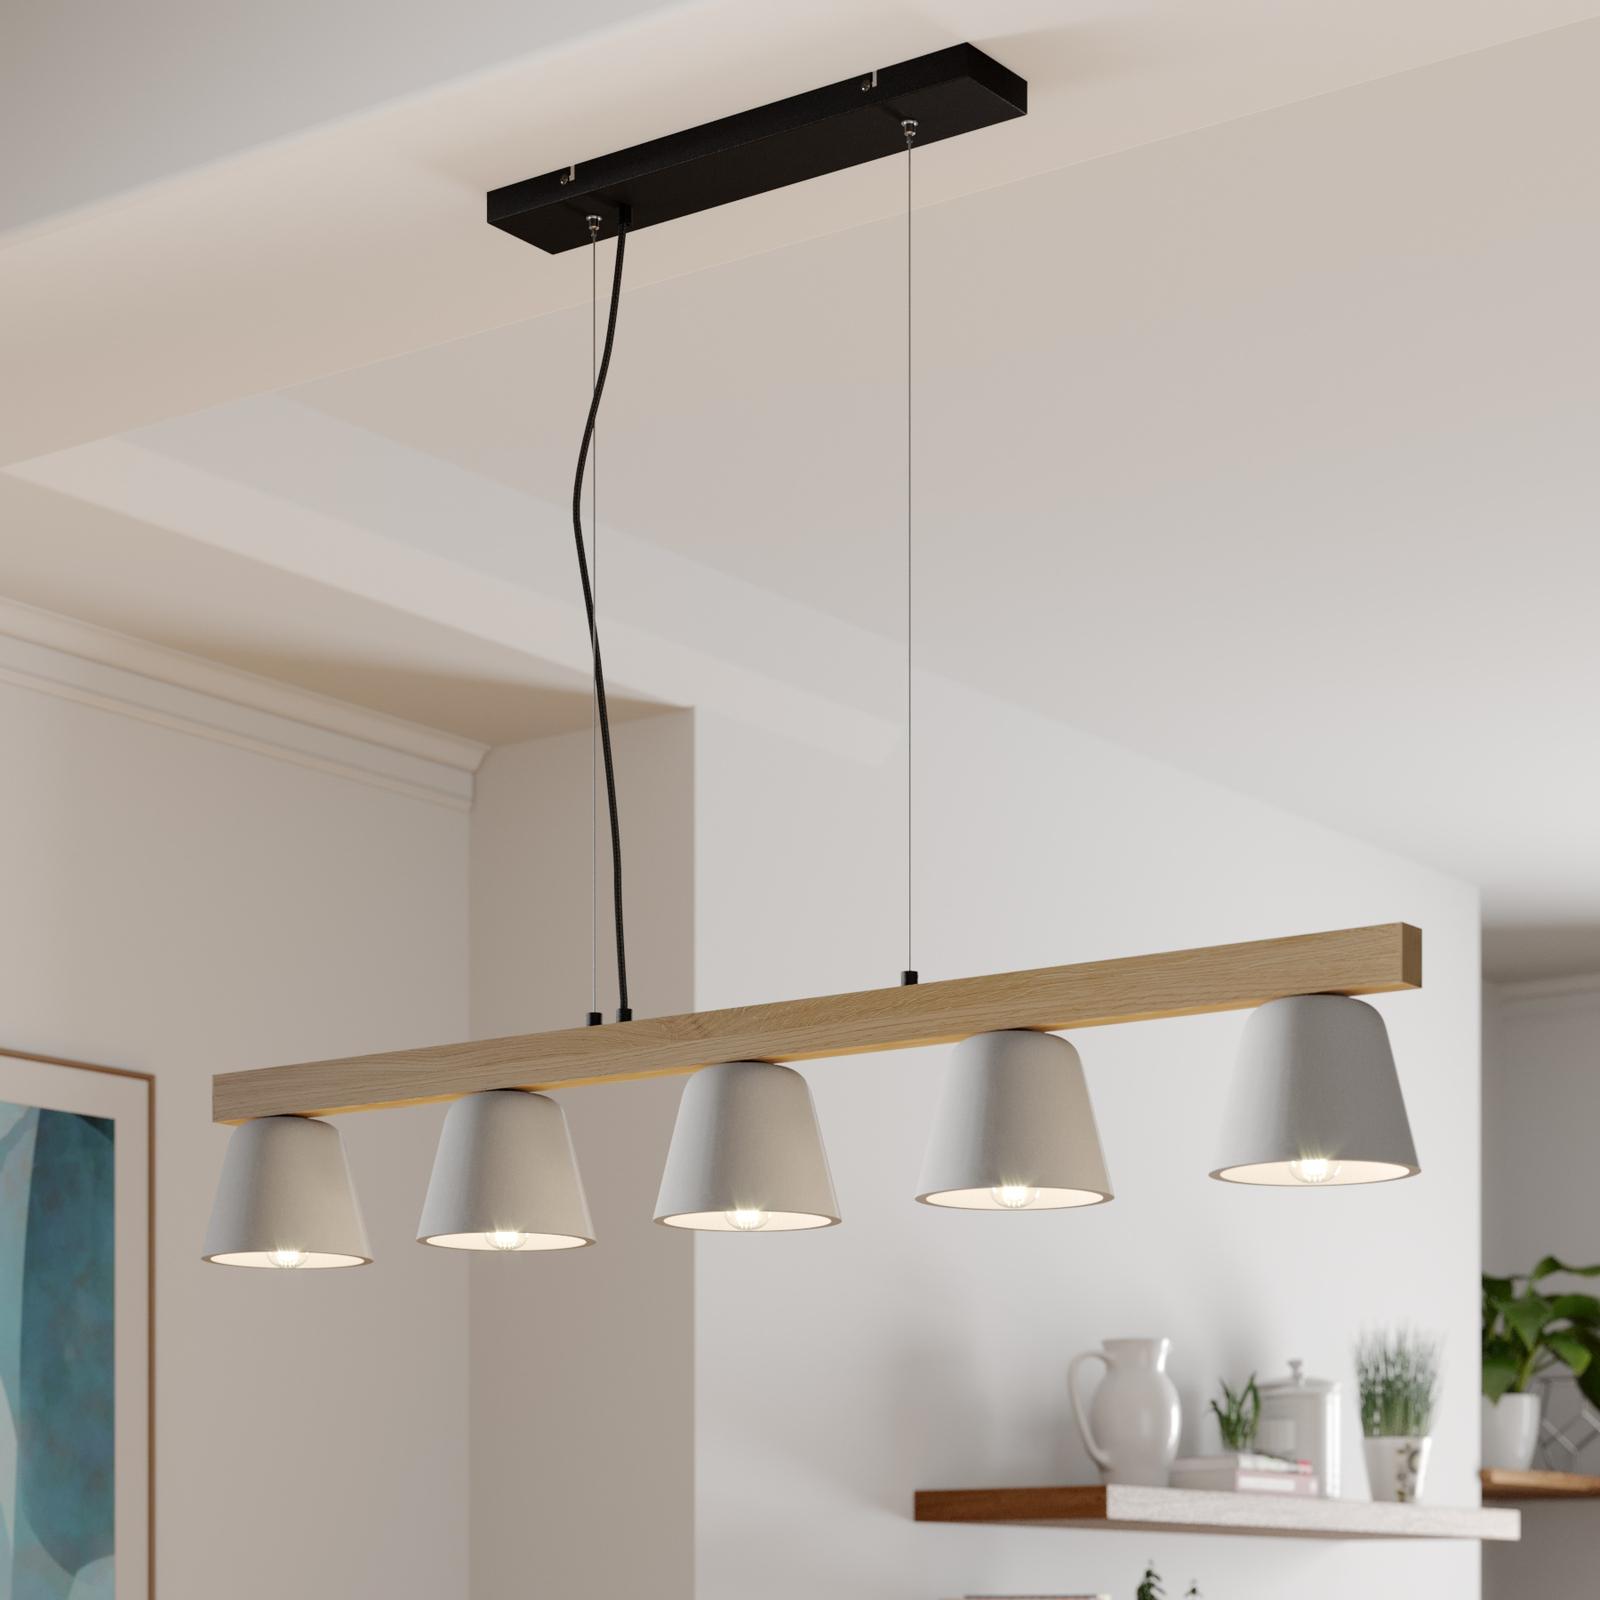 Lucande Kalinda hänglampa, betong, trä, 5 lampor